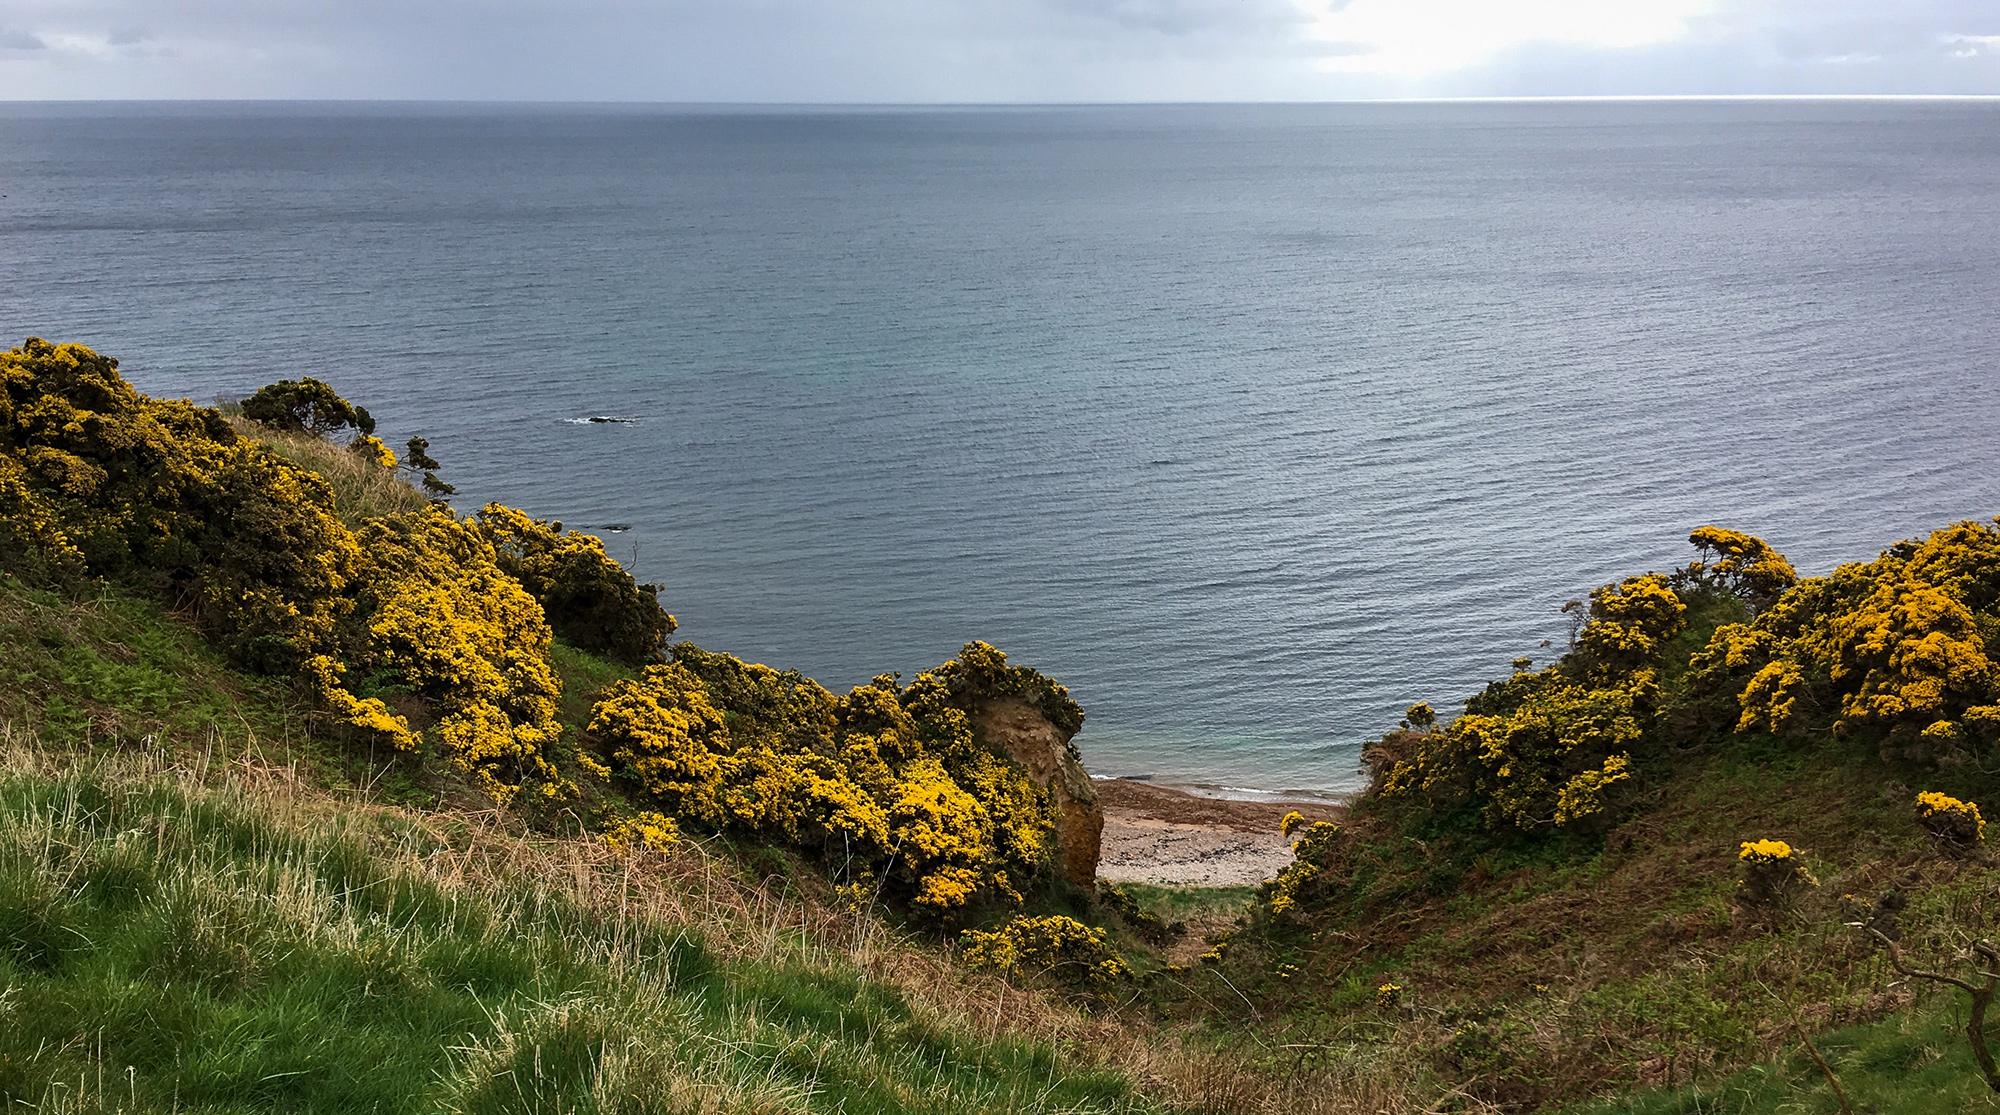 Blick über einen schmalen Einschnitt mit Ginster auf das Meer